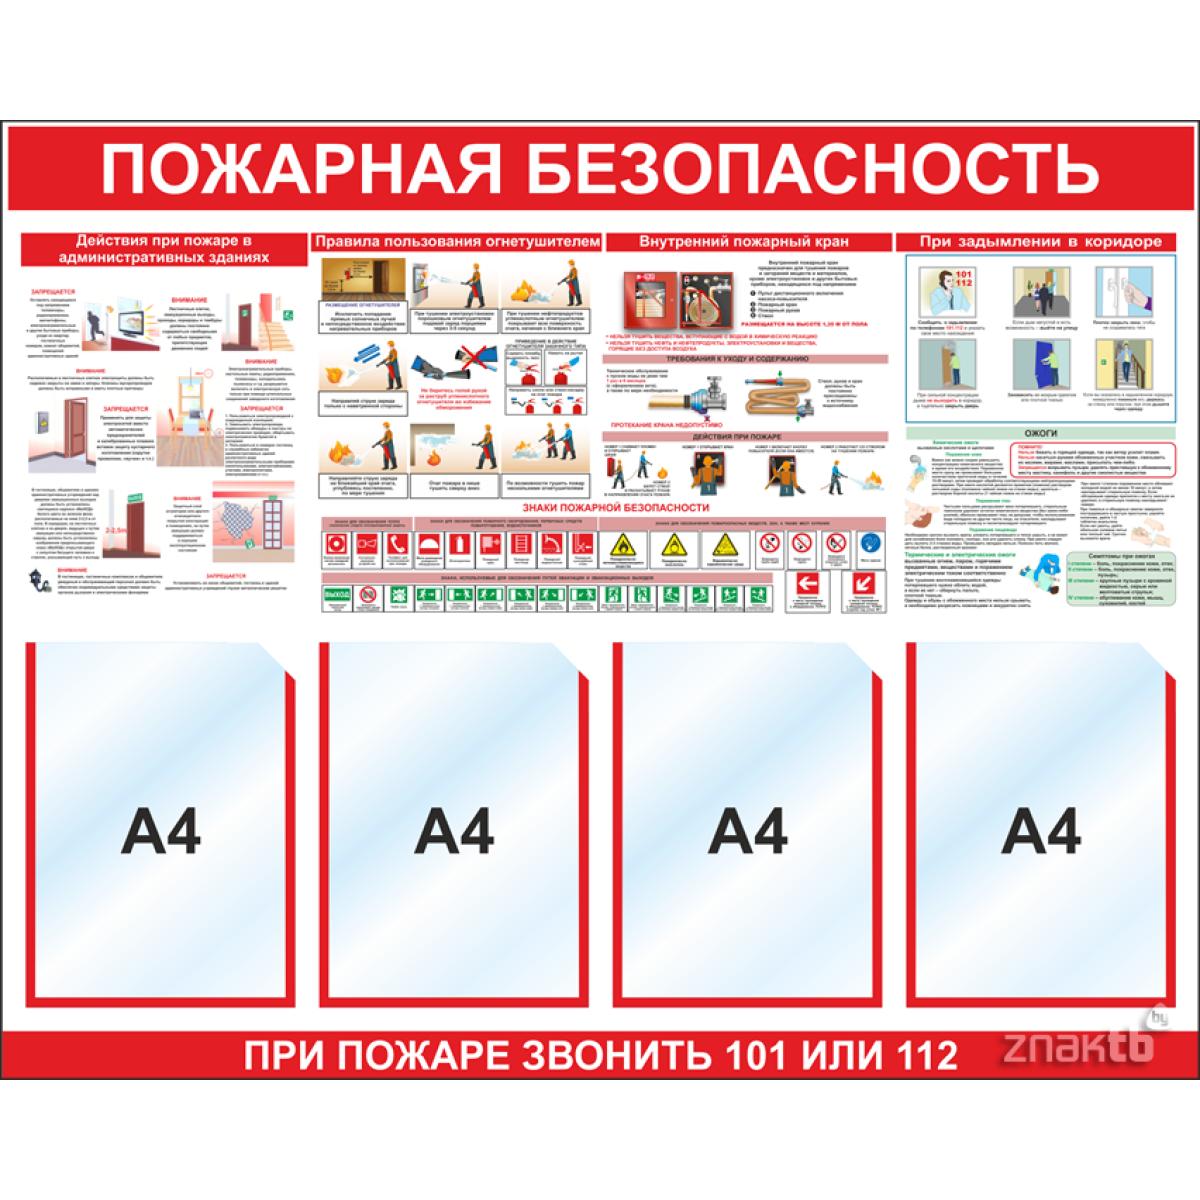 Стенд по пожарной безопасности карманы А4 и  плакаты по пожарной безопасности